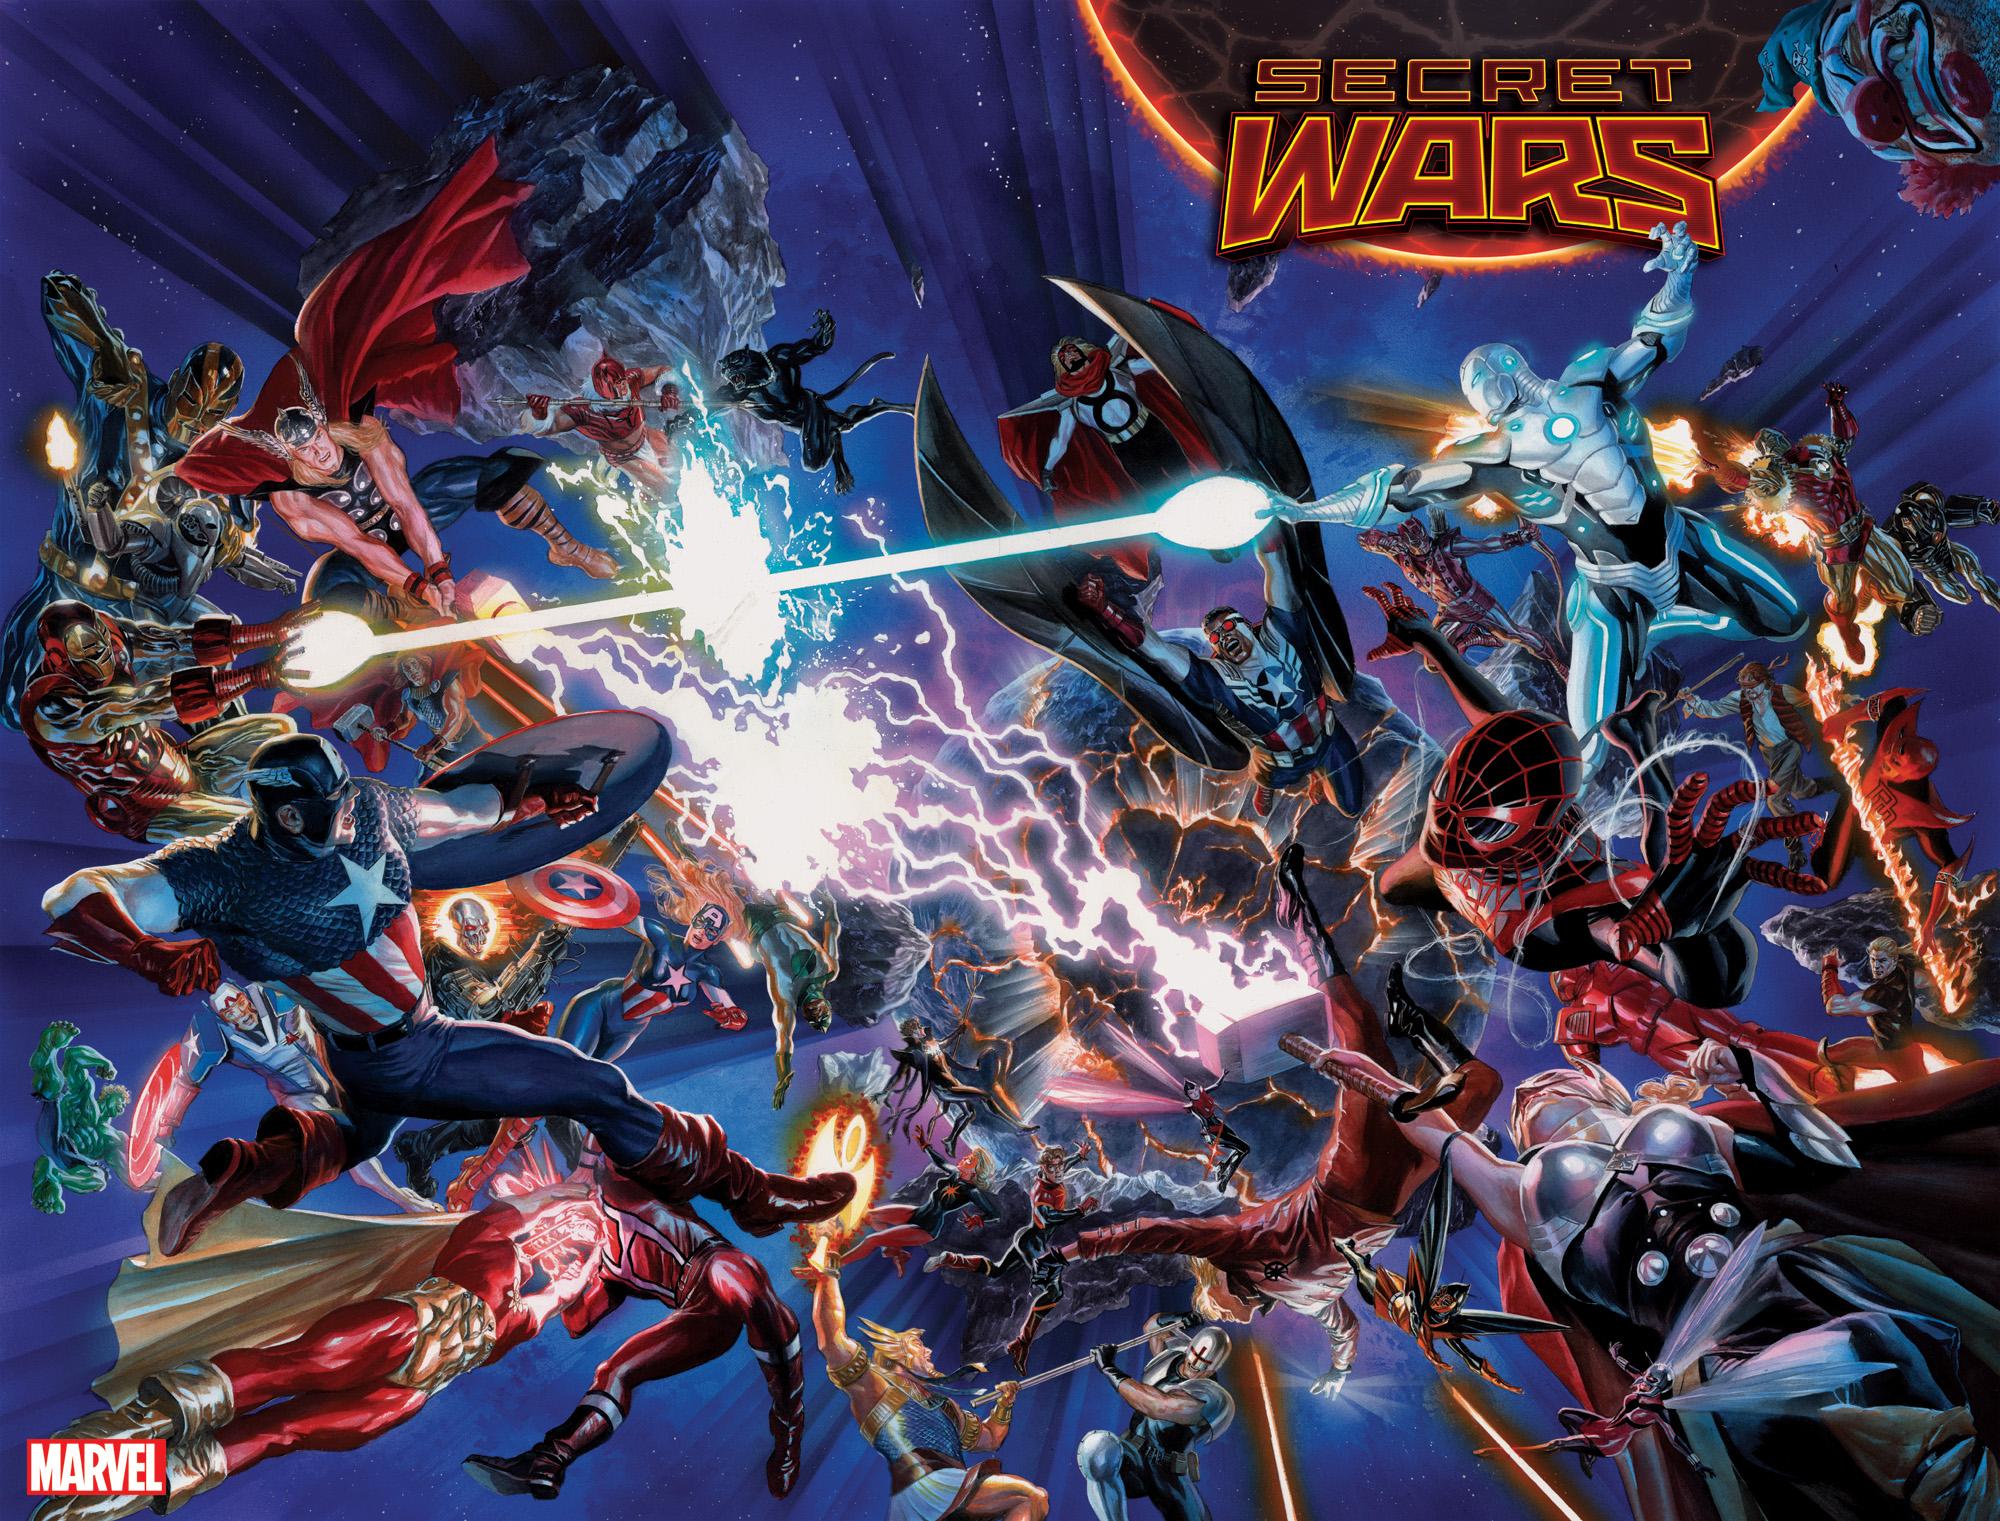 6 najlepszych serii komiksów Marvela w ramach Secret Wars